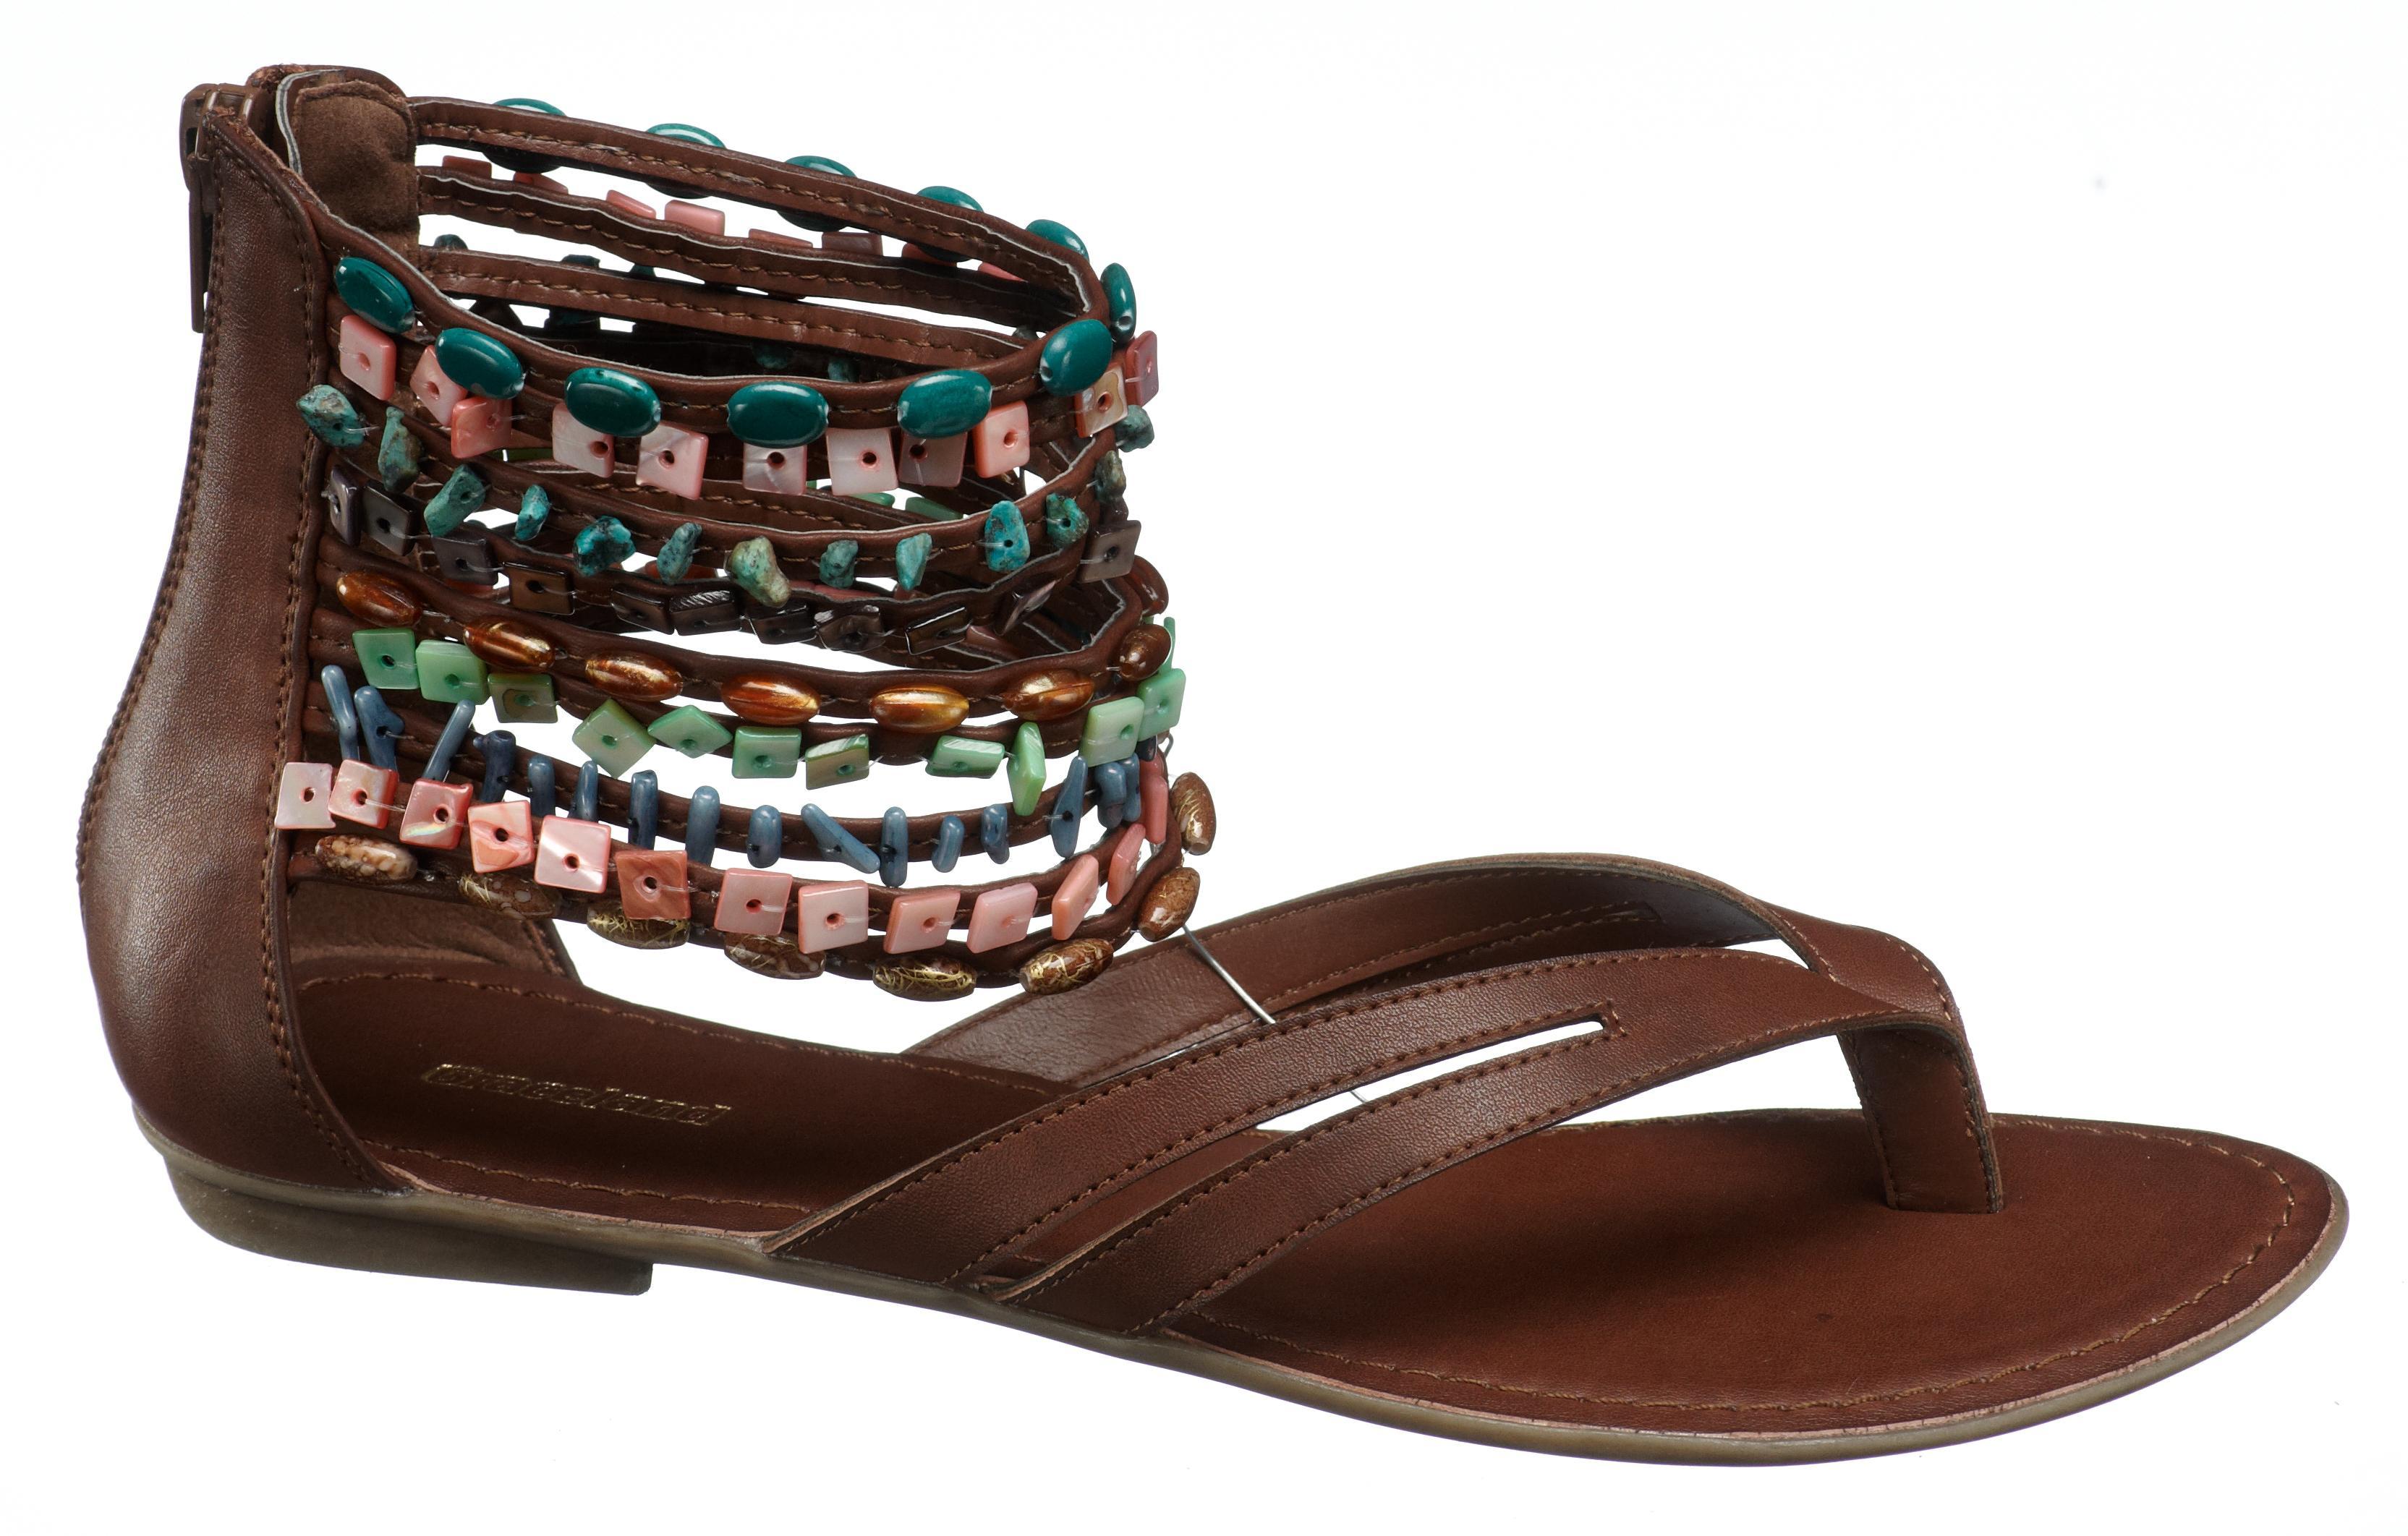 gladyatör sandaletleri